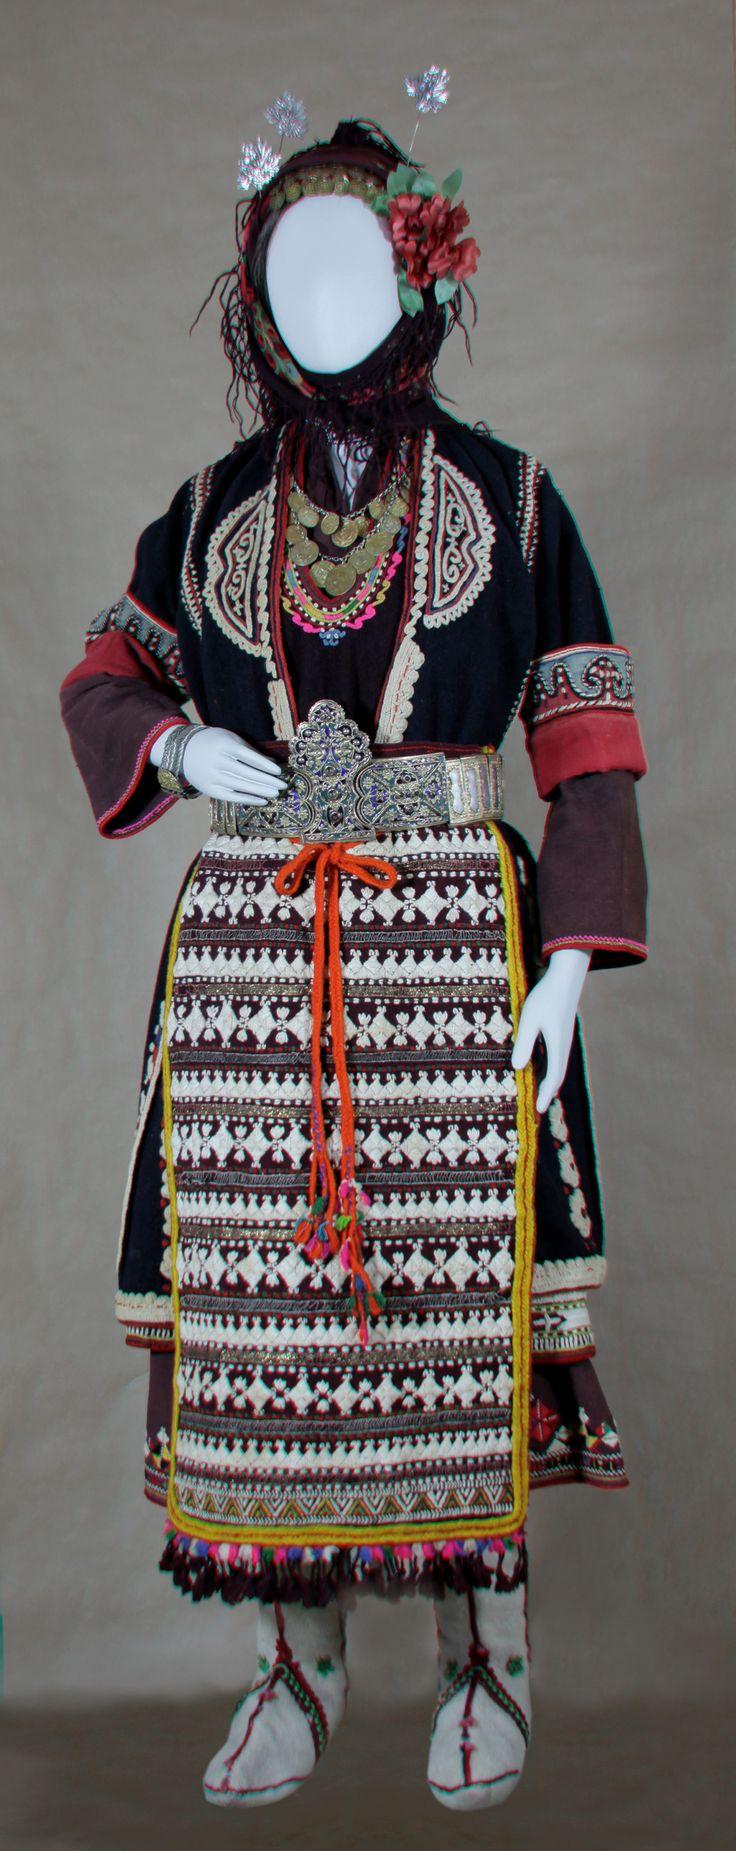 Ενδυμασία νιόπαντρης από το Μέγα Ζαλούφι της Ανατολική Θράκης, περίπου 1920 / Bridal clothes of the Grand Zaloufi in Eastern Thrace, about 1920 @ Folklife and Ethnological Museum of Macedonia-Thrace [http://www.lemmth.gr/stereoskopikes-eikones?p_p_id=56_INSTANCE_hUgVSiSO5B7j&p_p_lifecycle=0&p_p_state=normal&p_p_mode=view&p_p_col_id=column-3&p_p_col_count=1&_56_INSTANCE_hUgVSiSO5B7j_page=3]